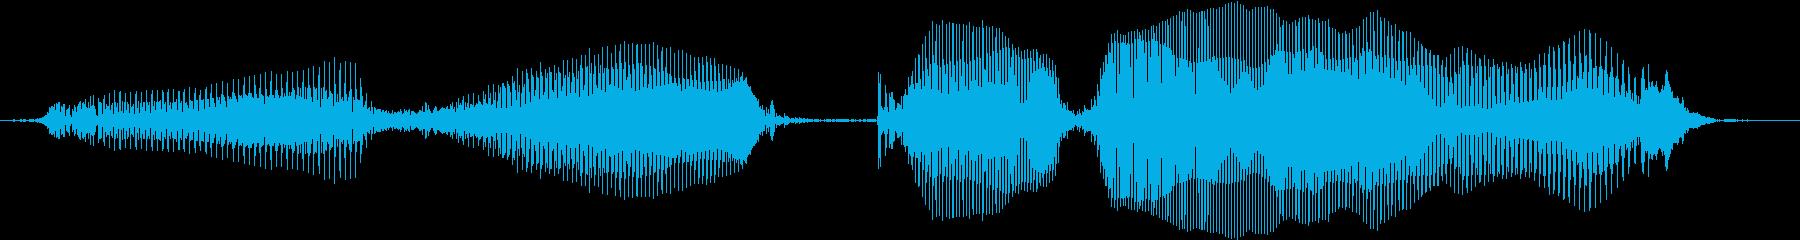 まじうけるーの再生済みの波形